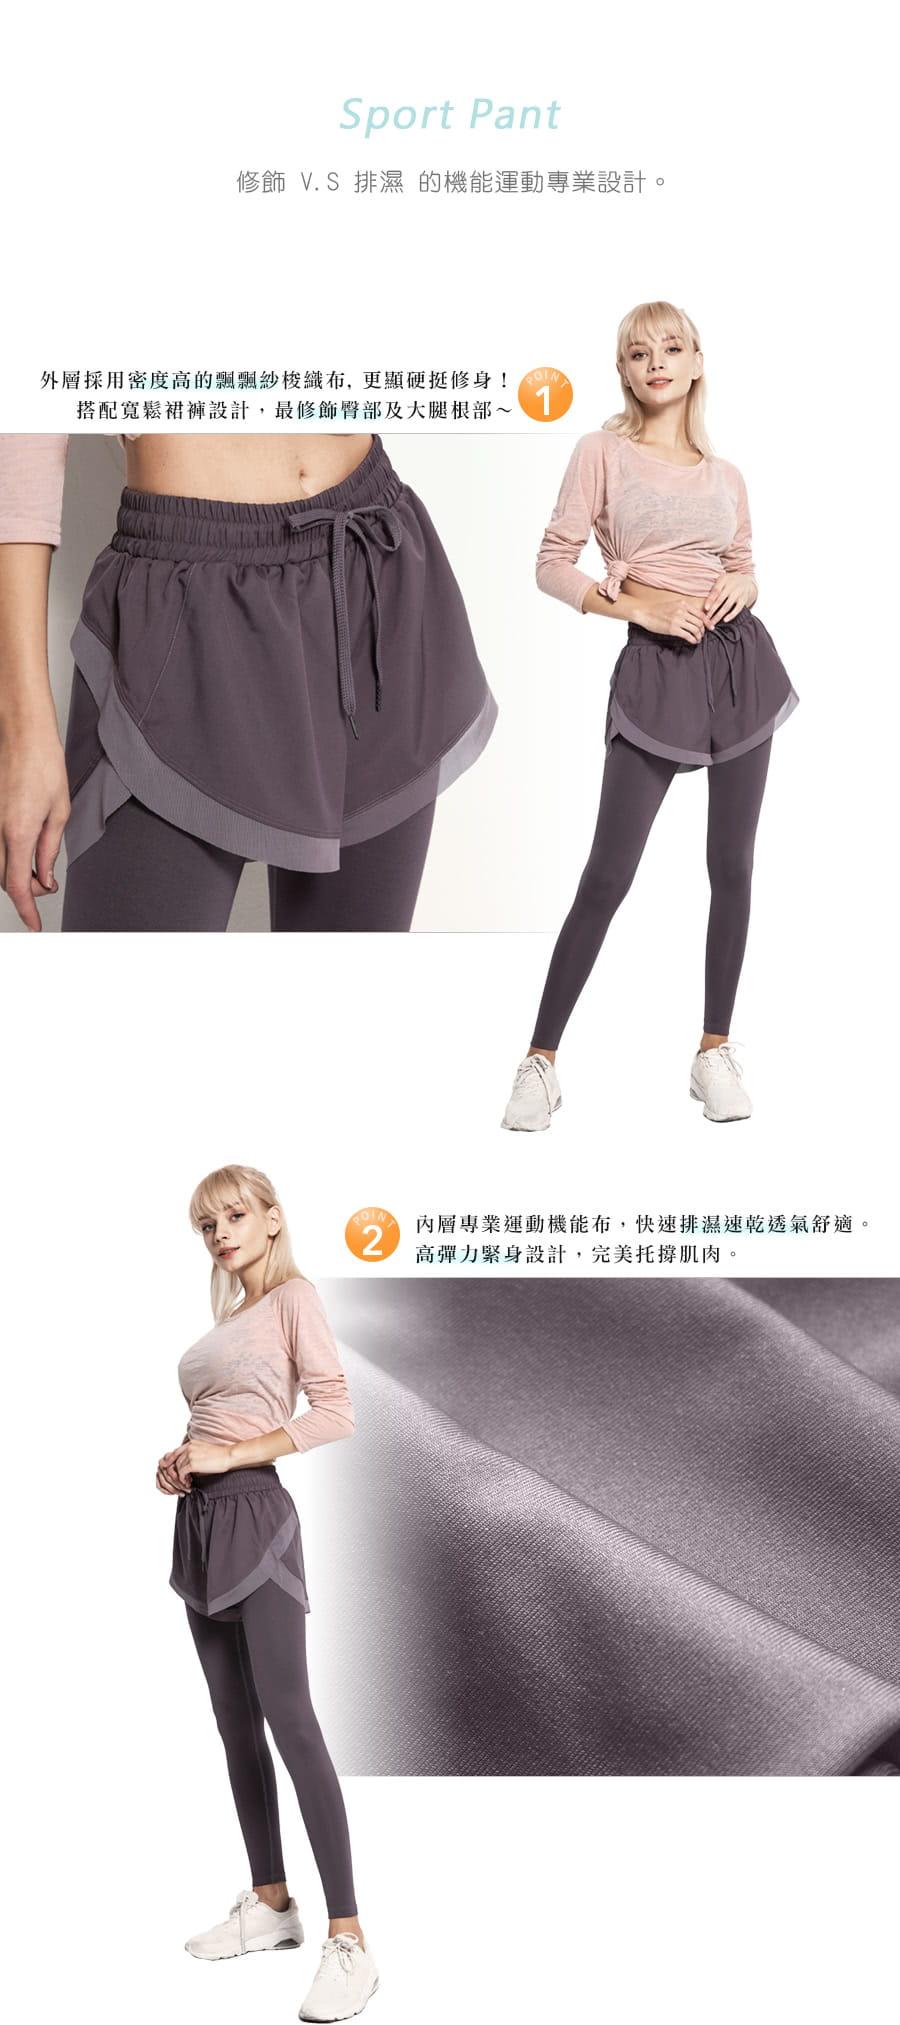 【Un-Sport 高機能】多款任選-異質拼接顯瘦假兩件長褲(瑜伽/健身/路跑) 1